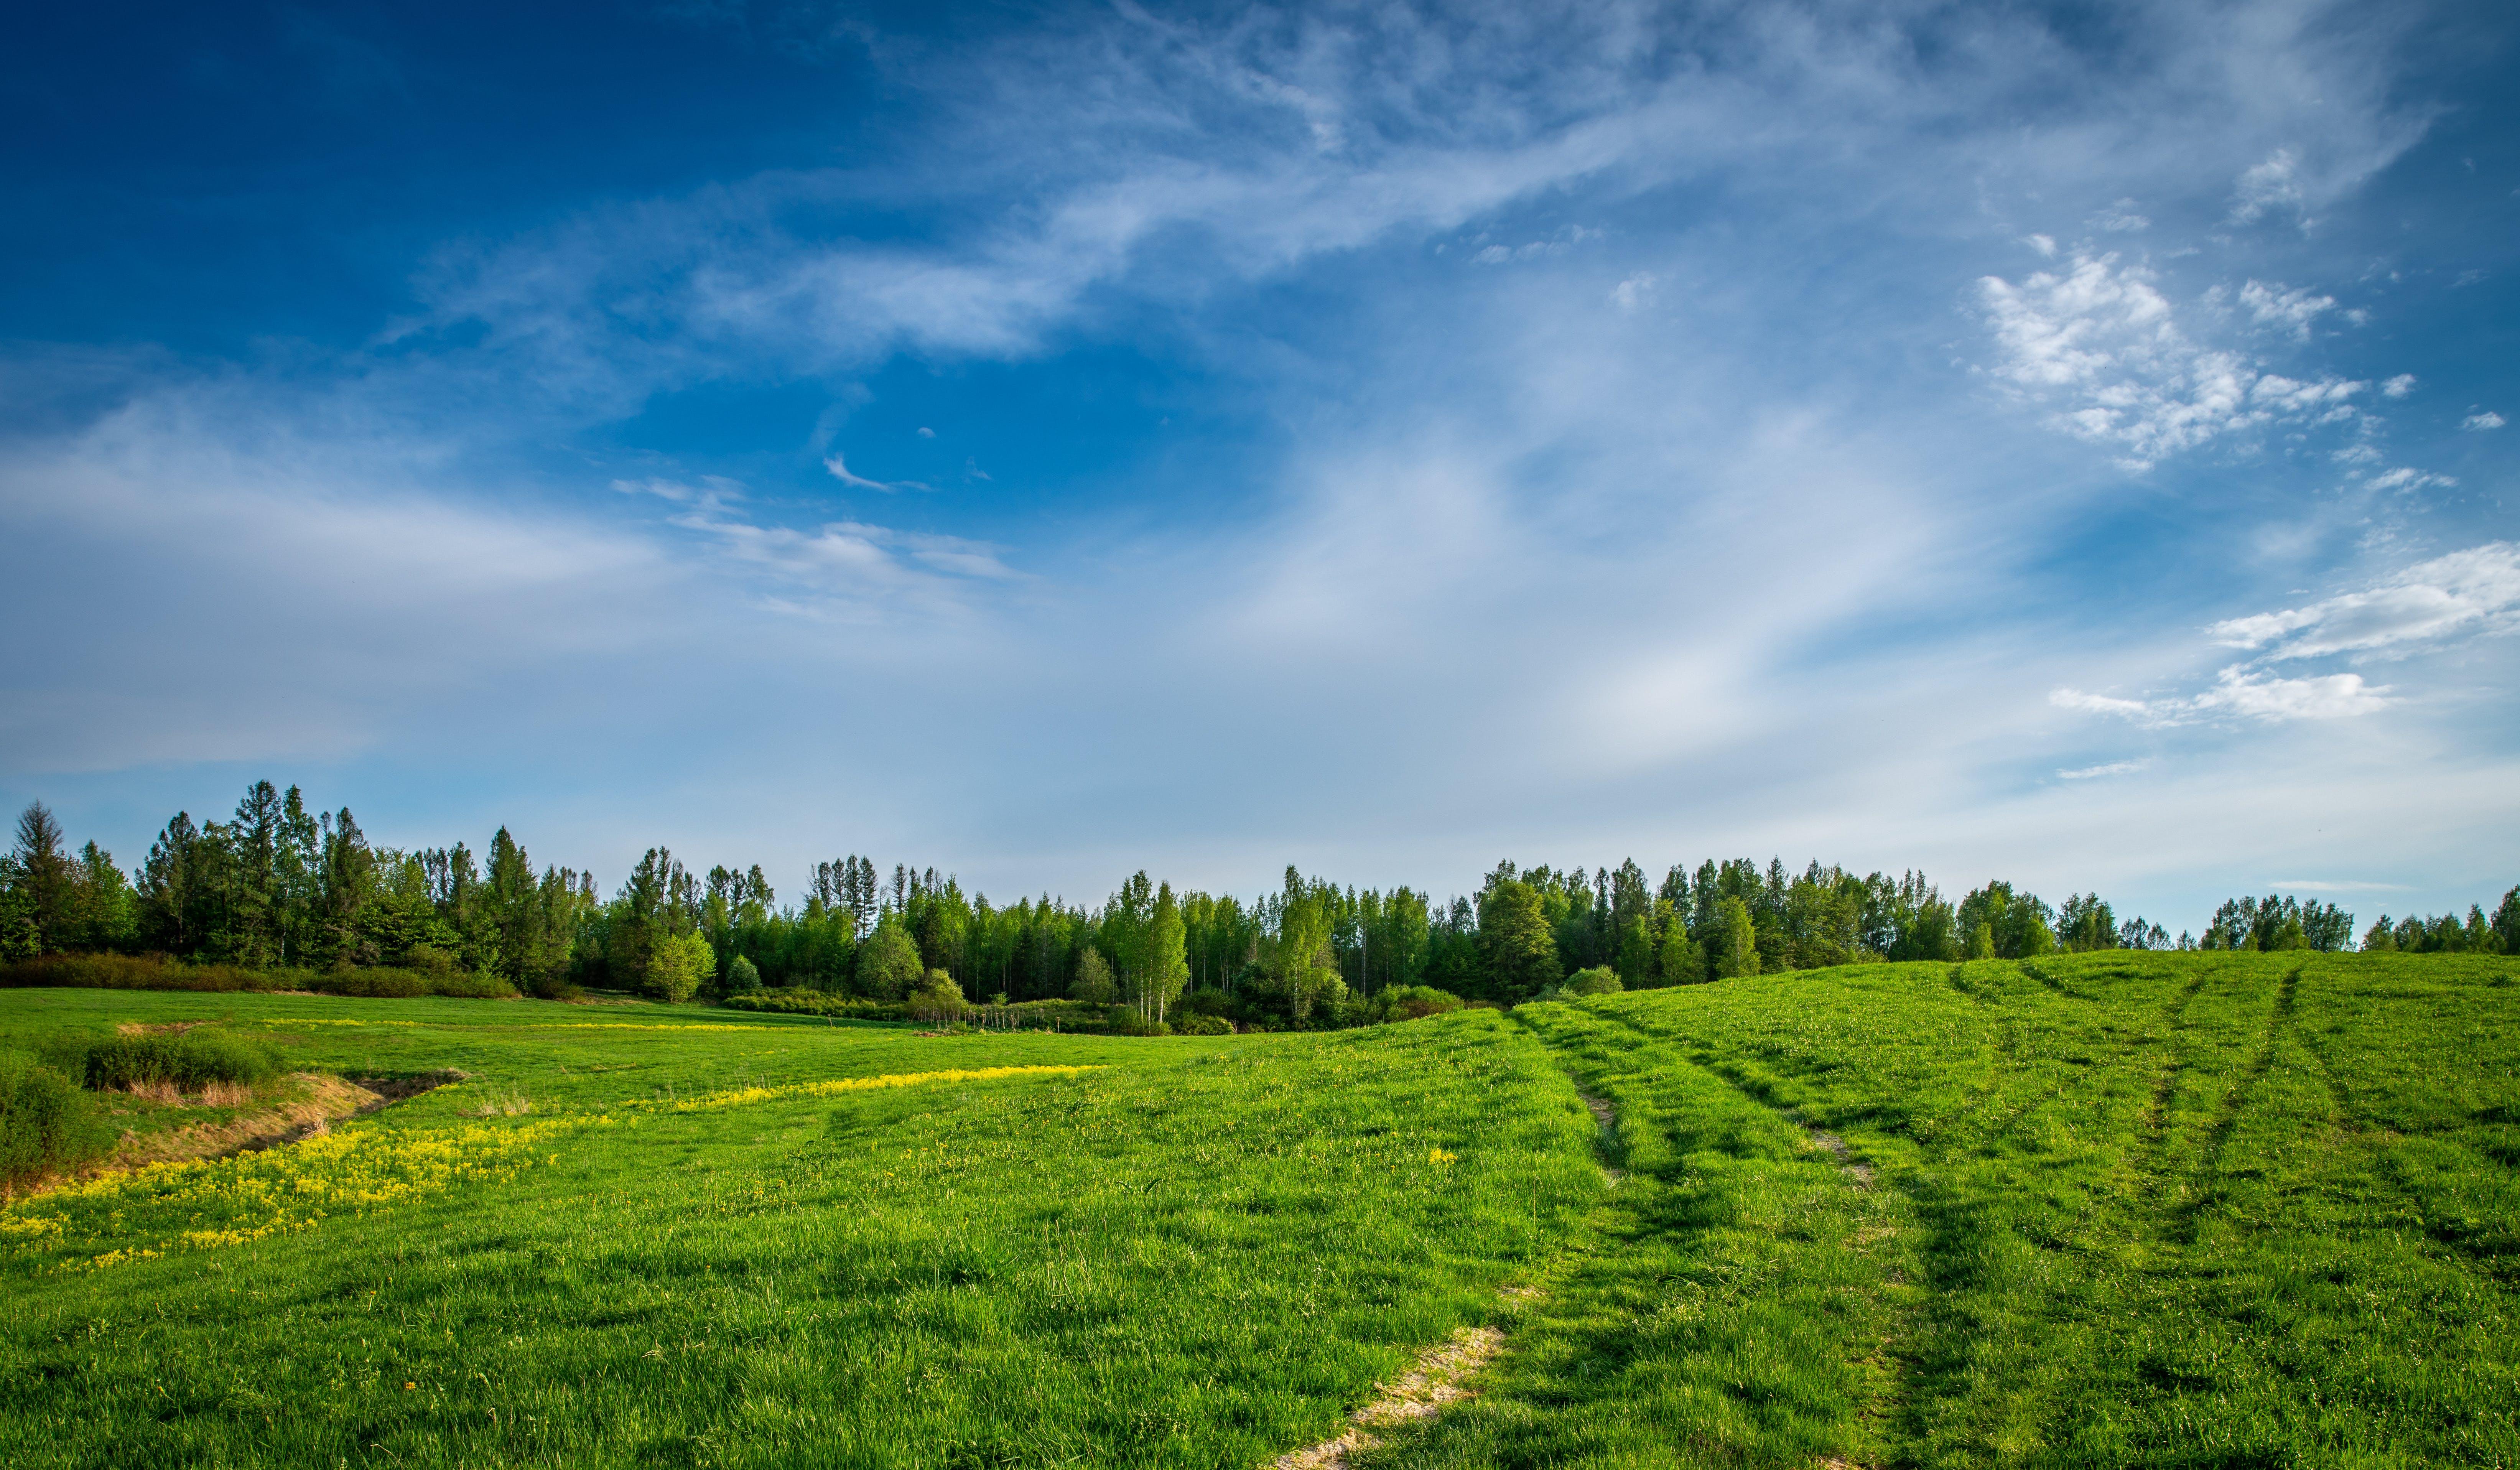 Grass Field Near Field of Trees